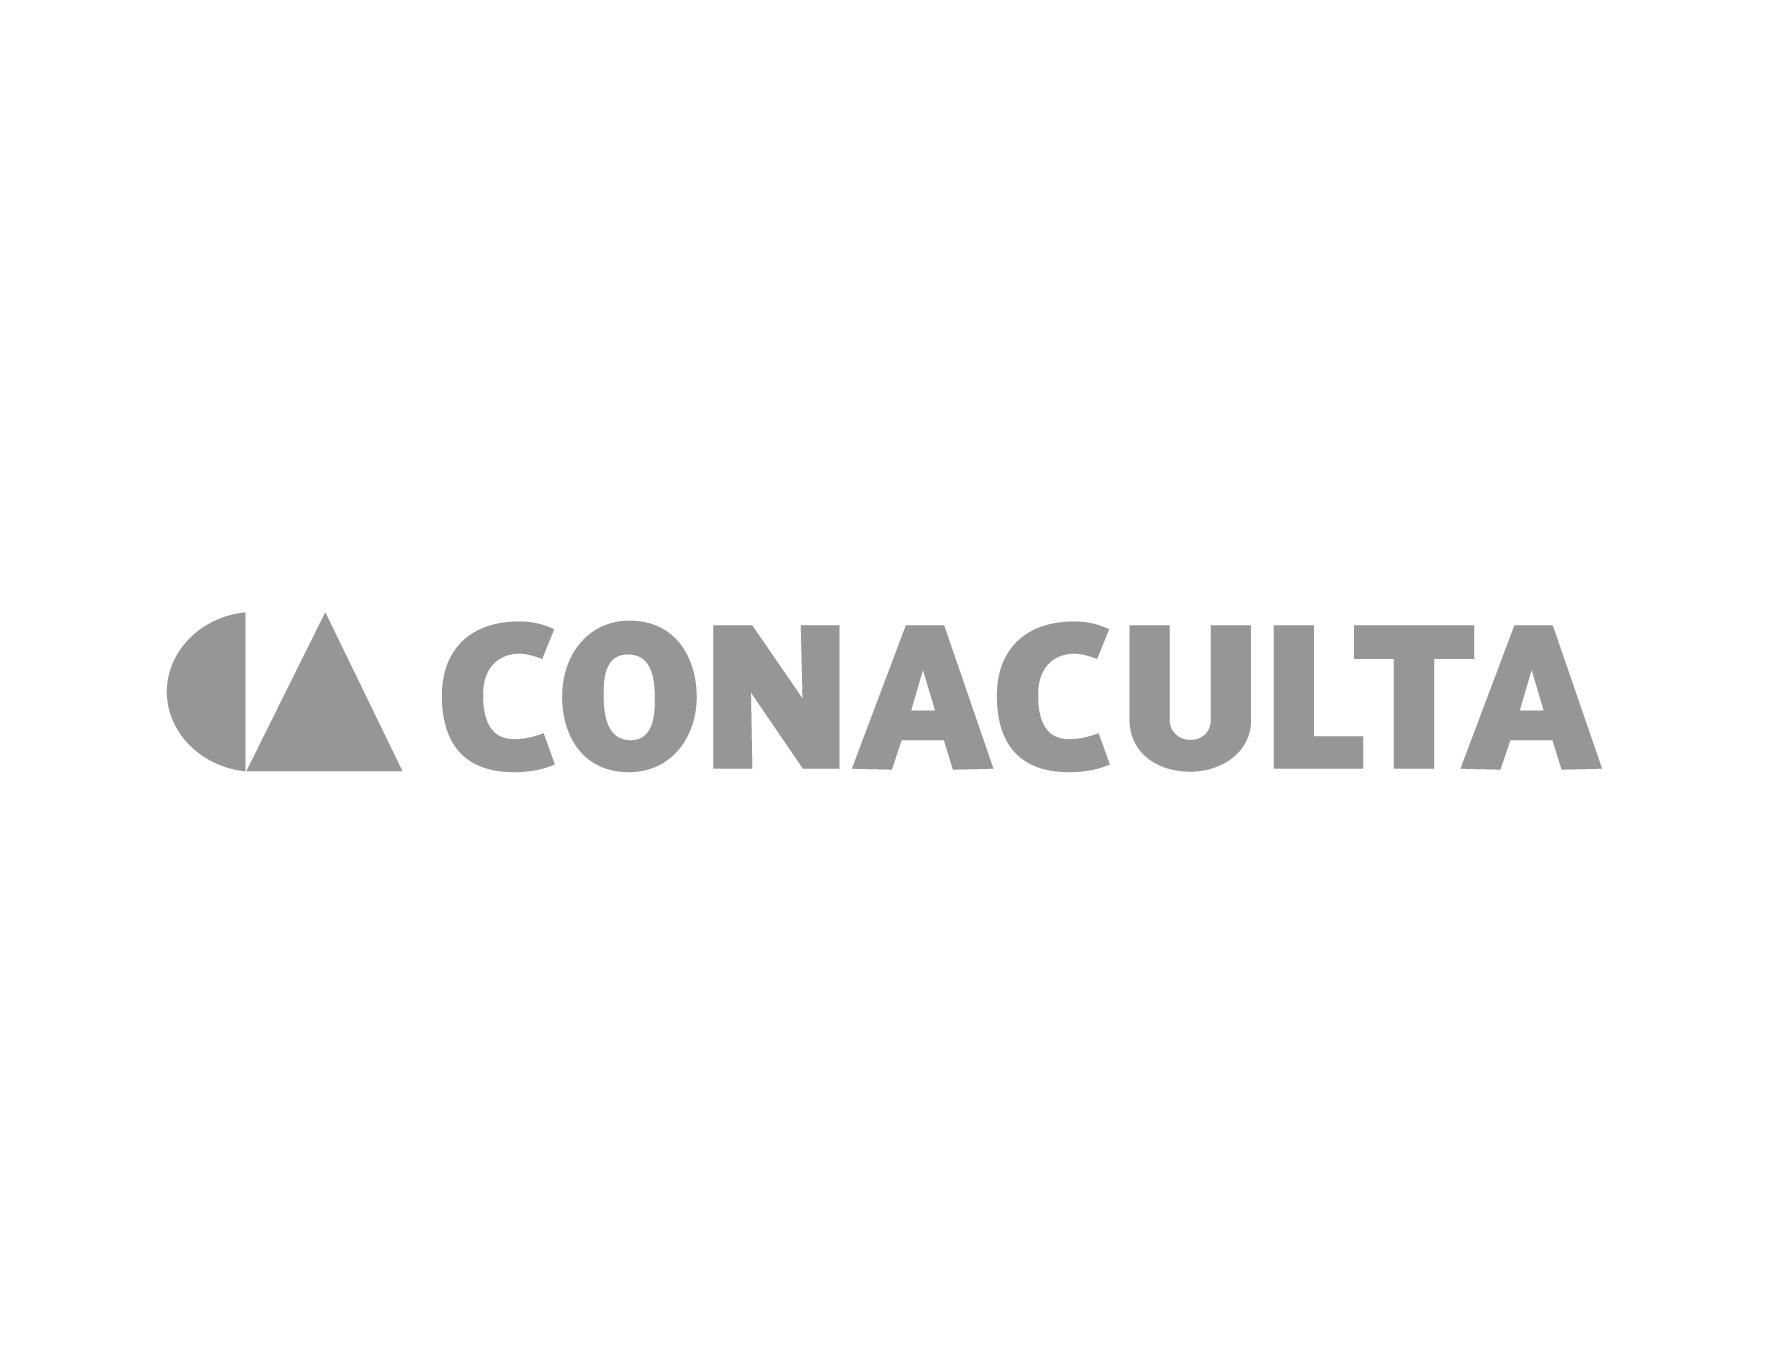 CONACULTA_gris.jpg